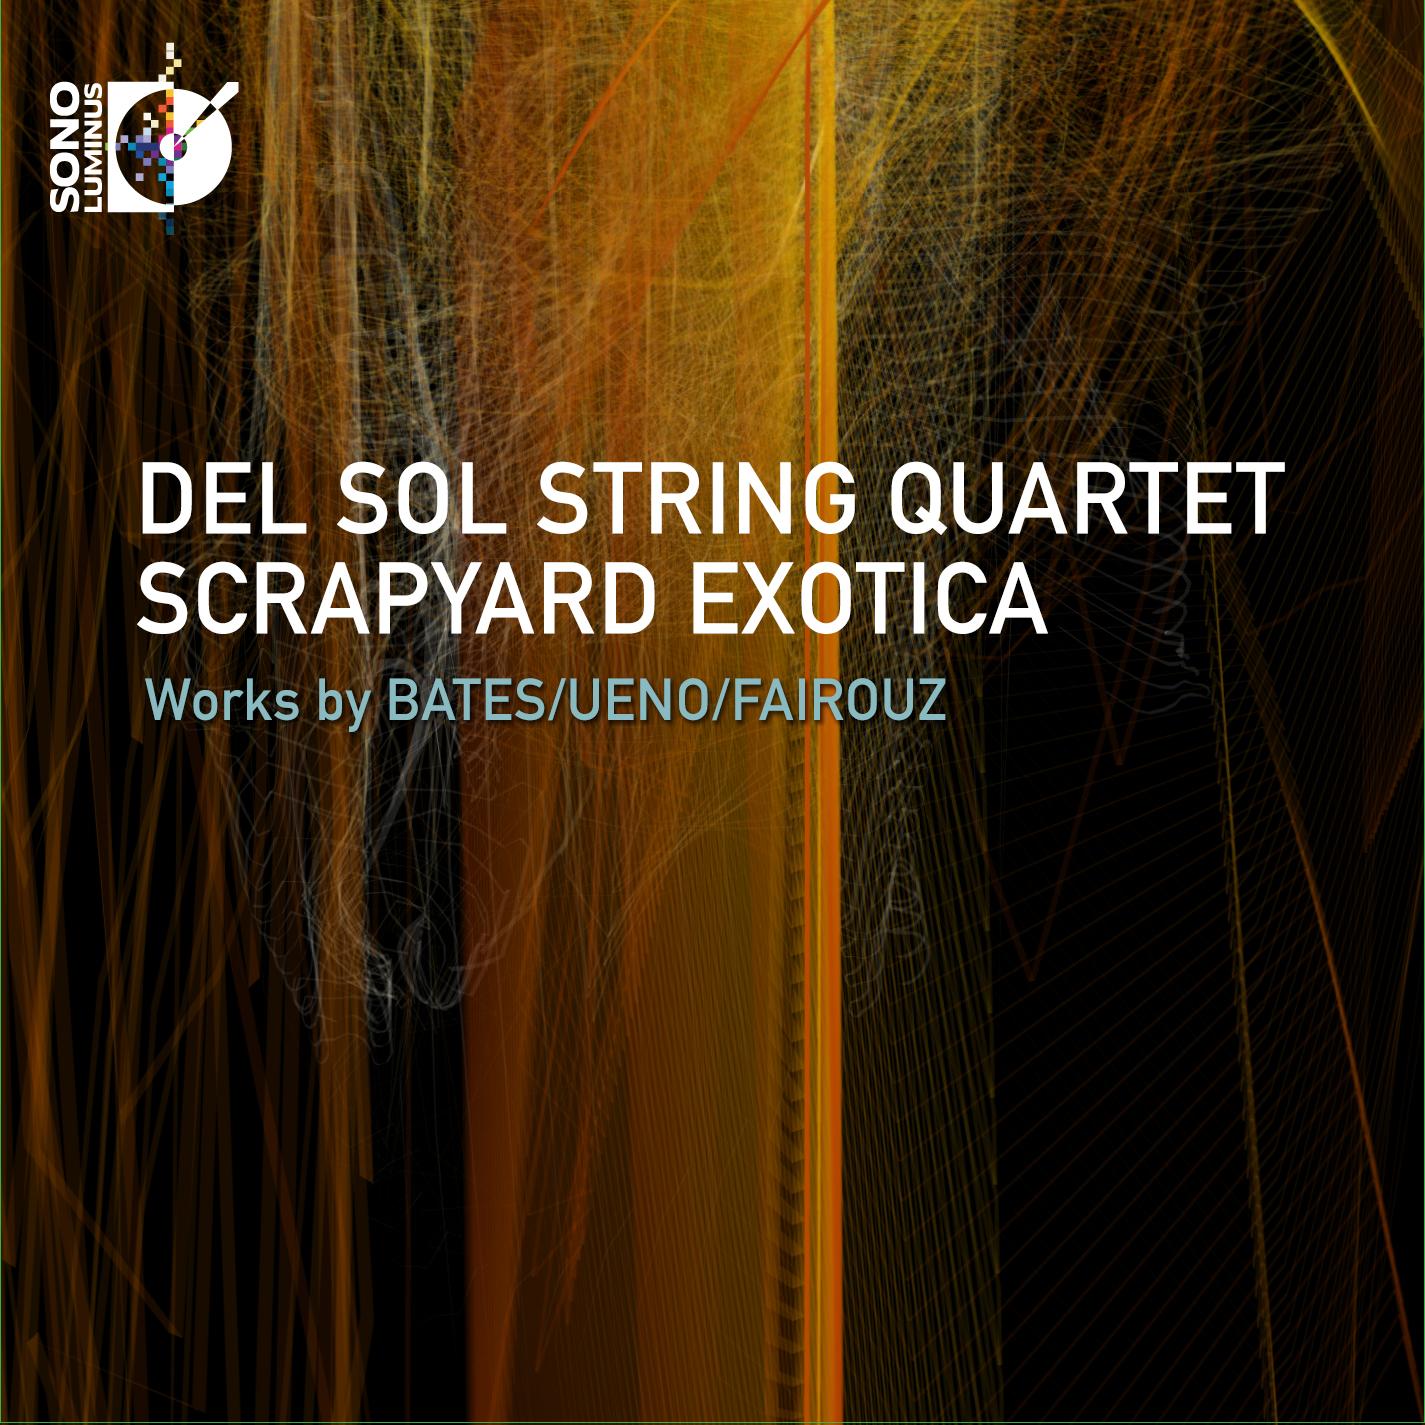 scrapyard exotica cover final.jpg